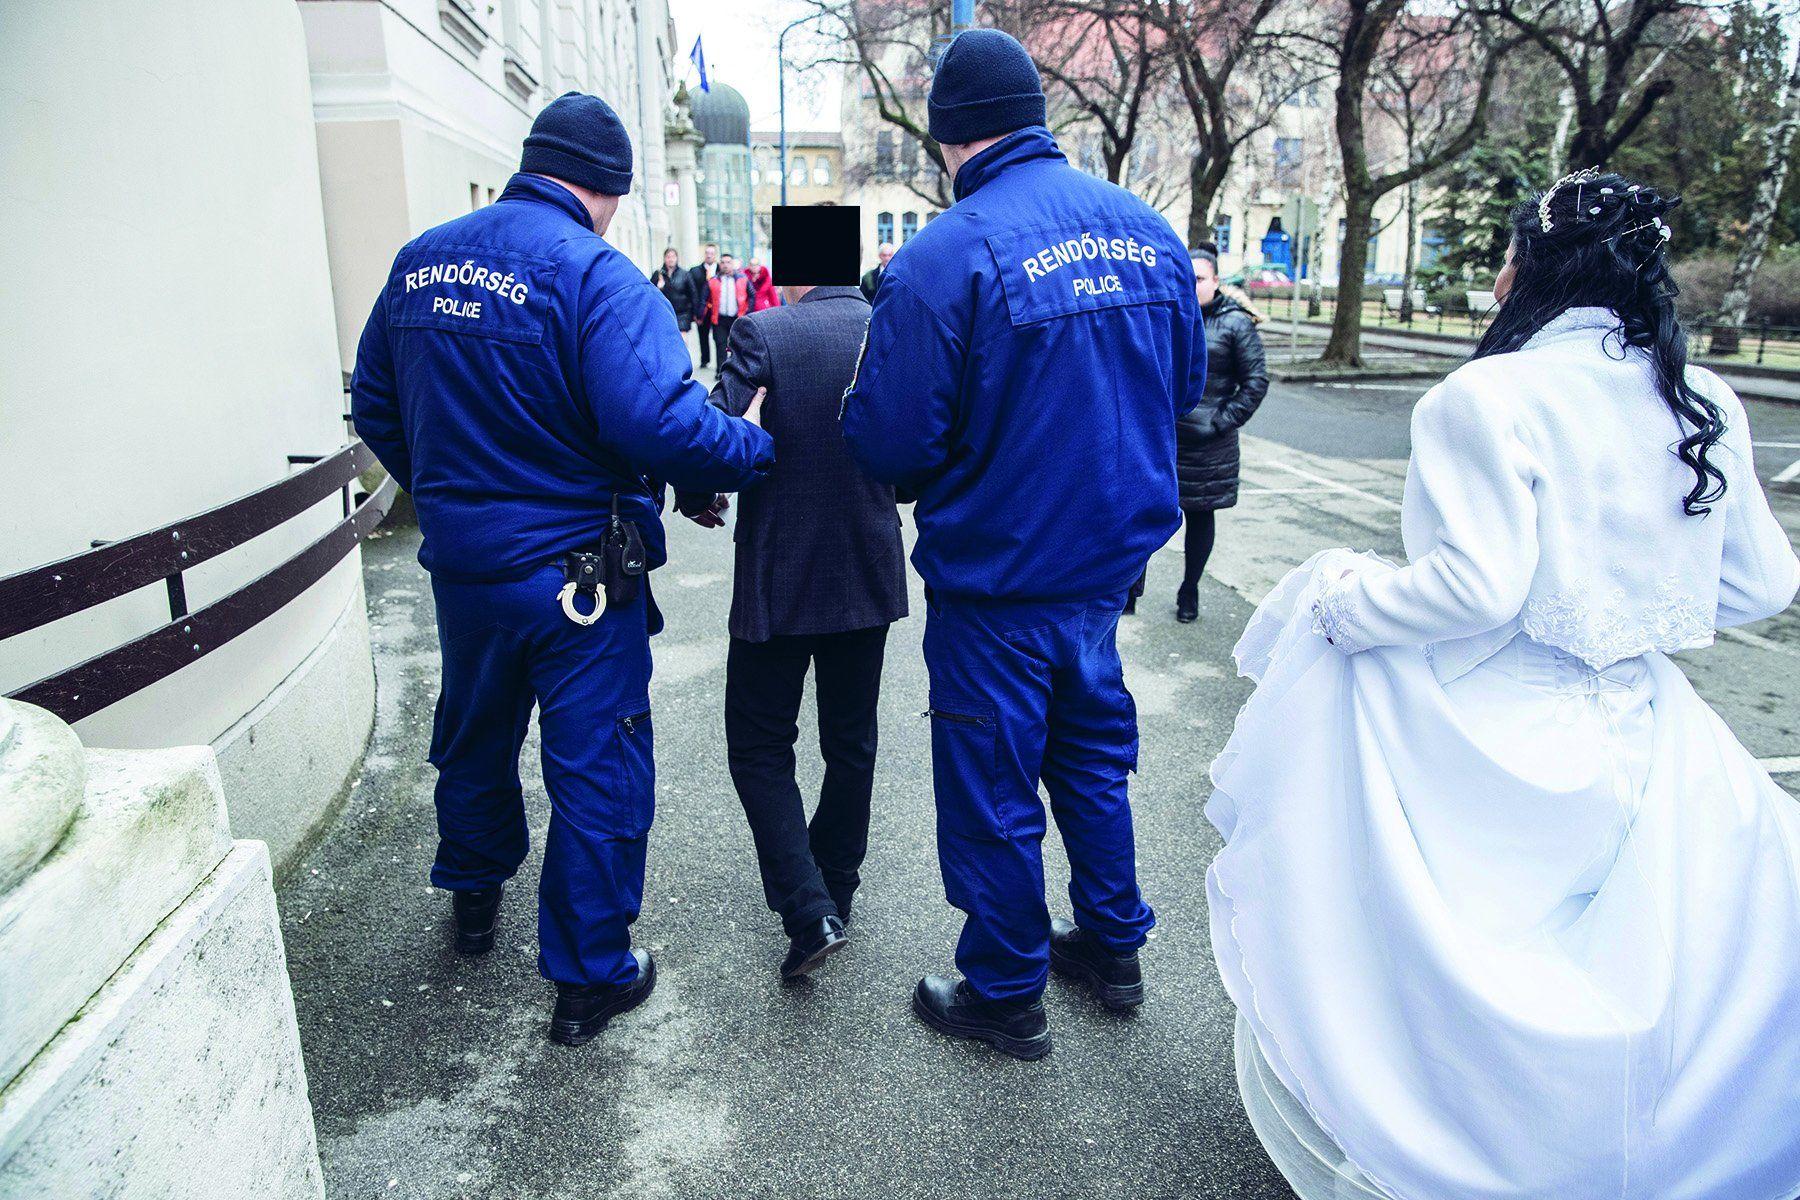 A házasságkötő terem előtt tartóztatták le a vőlegényt